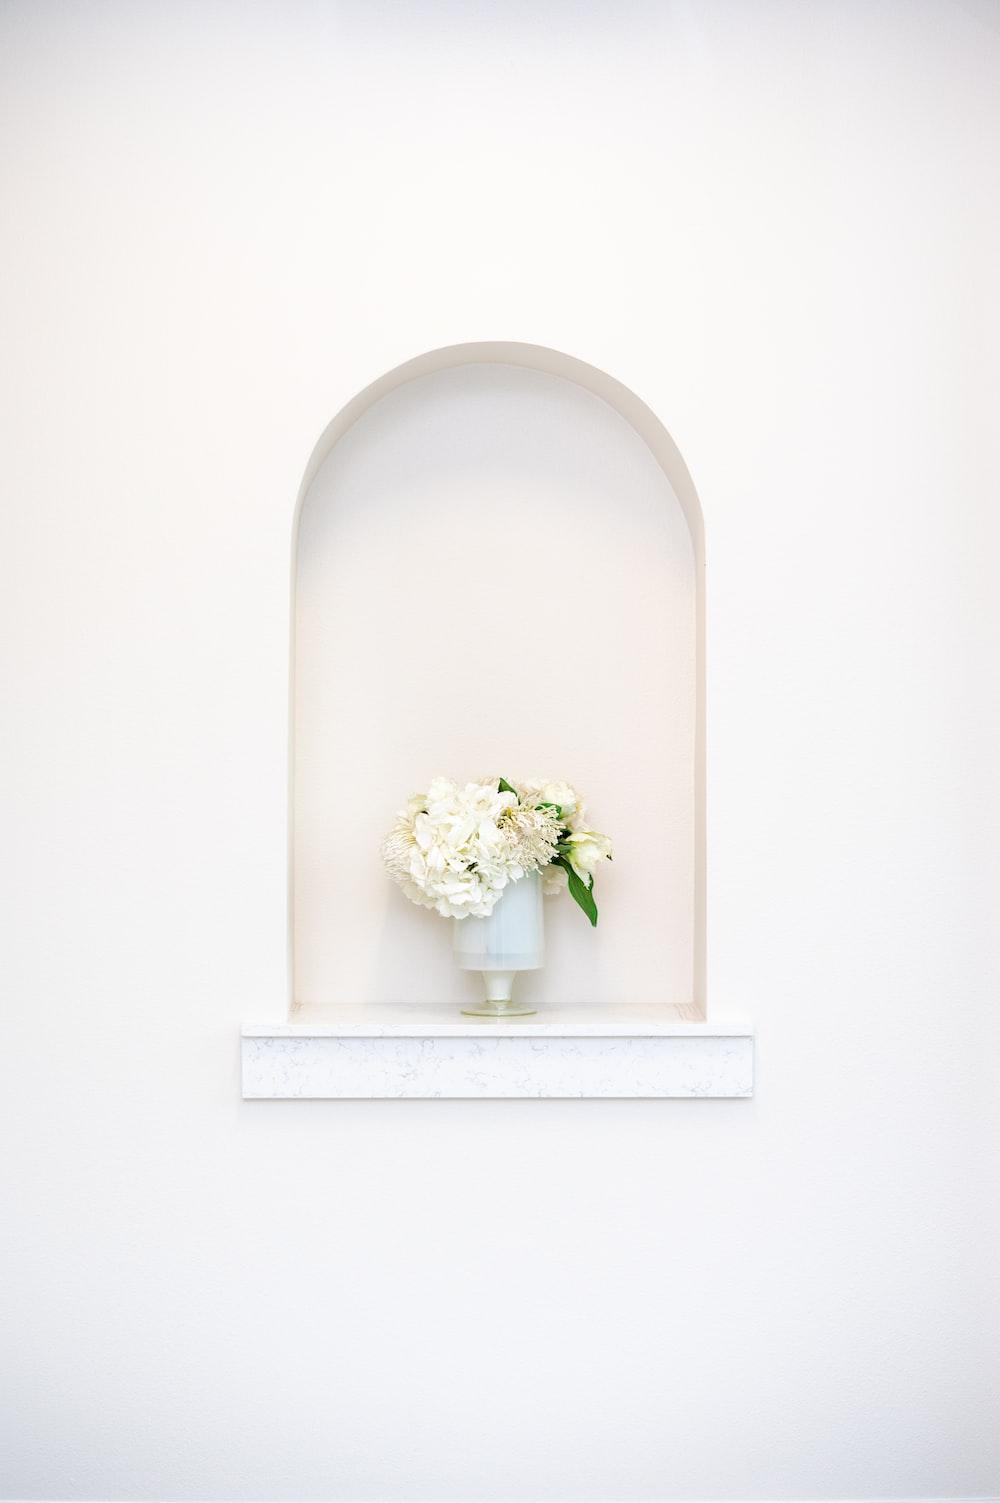 white flower bouquet on white ceramic vase